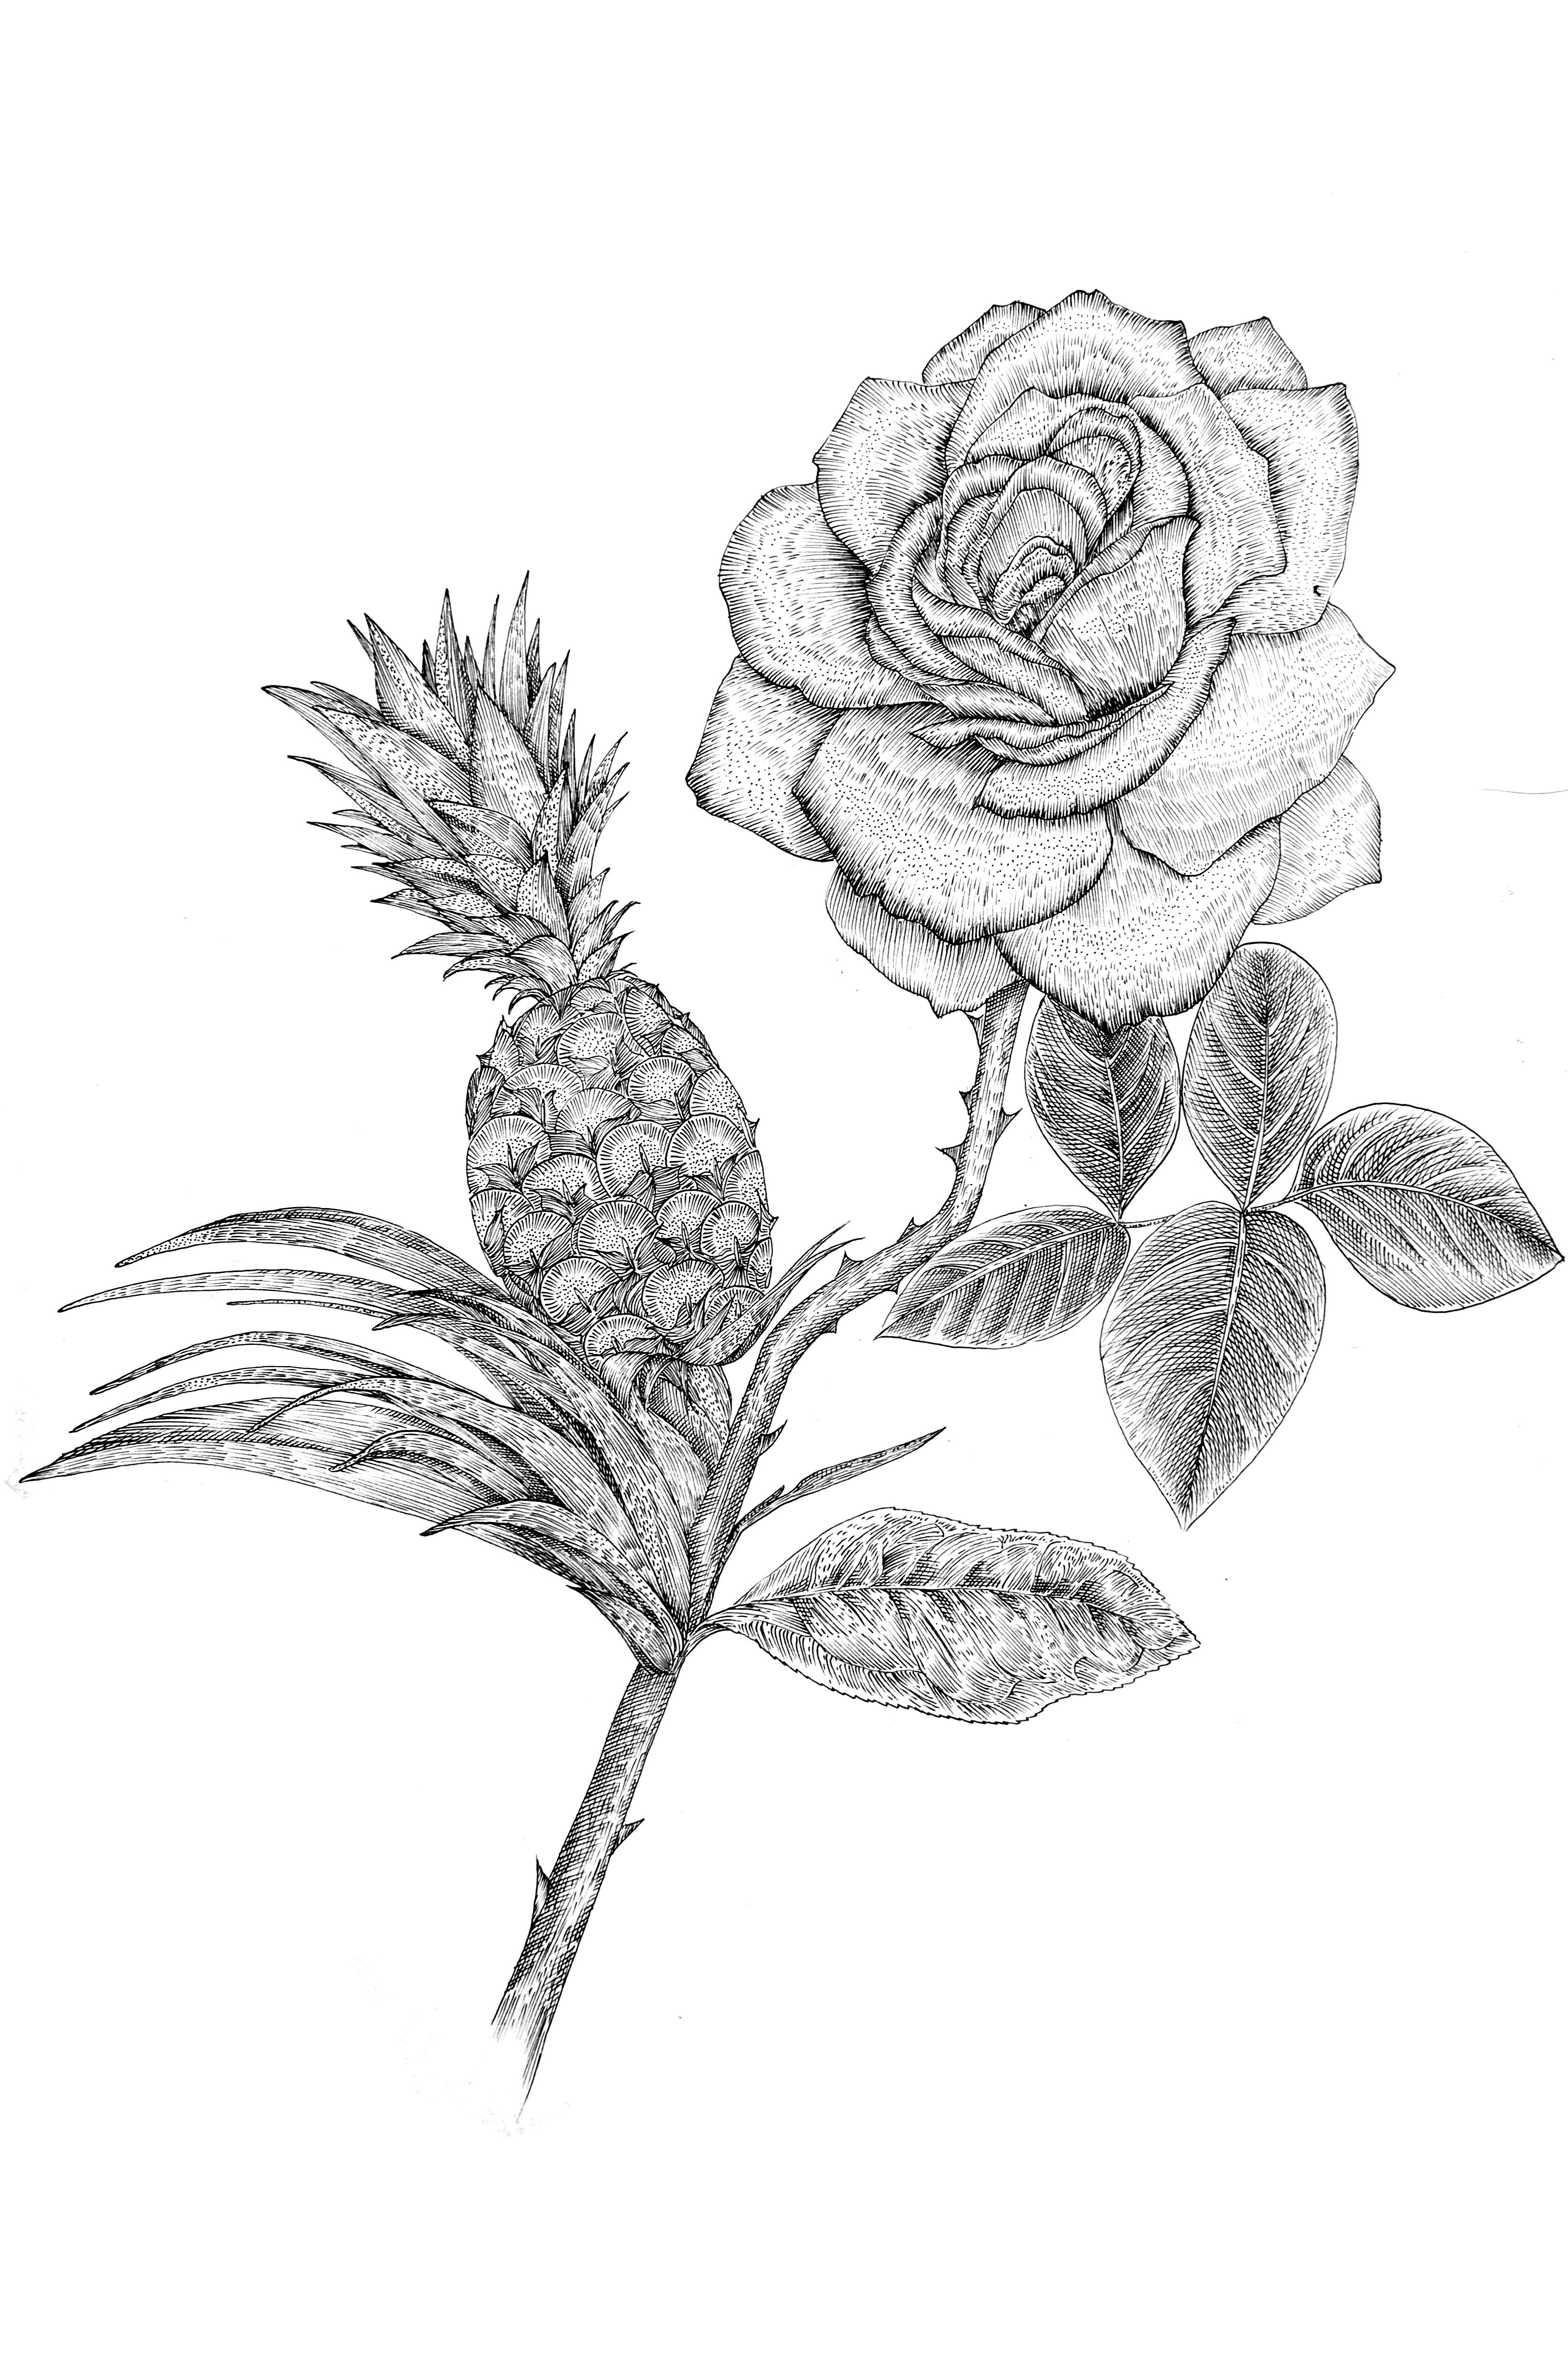 植物插画|插画|商业插画|猫夫人2016 - 原创作品